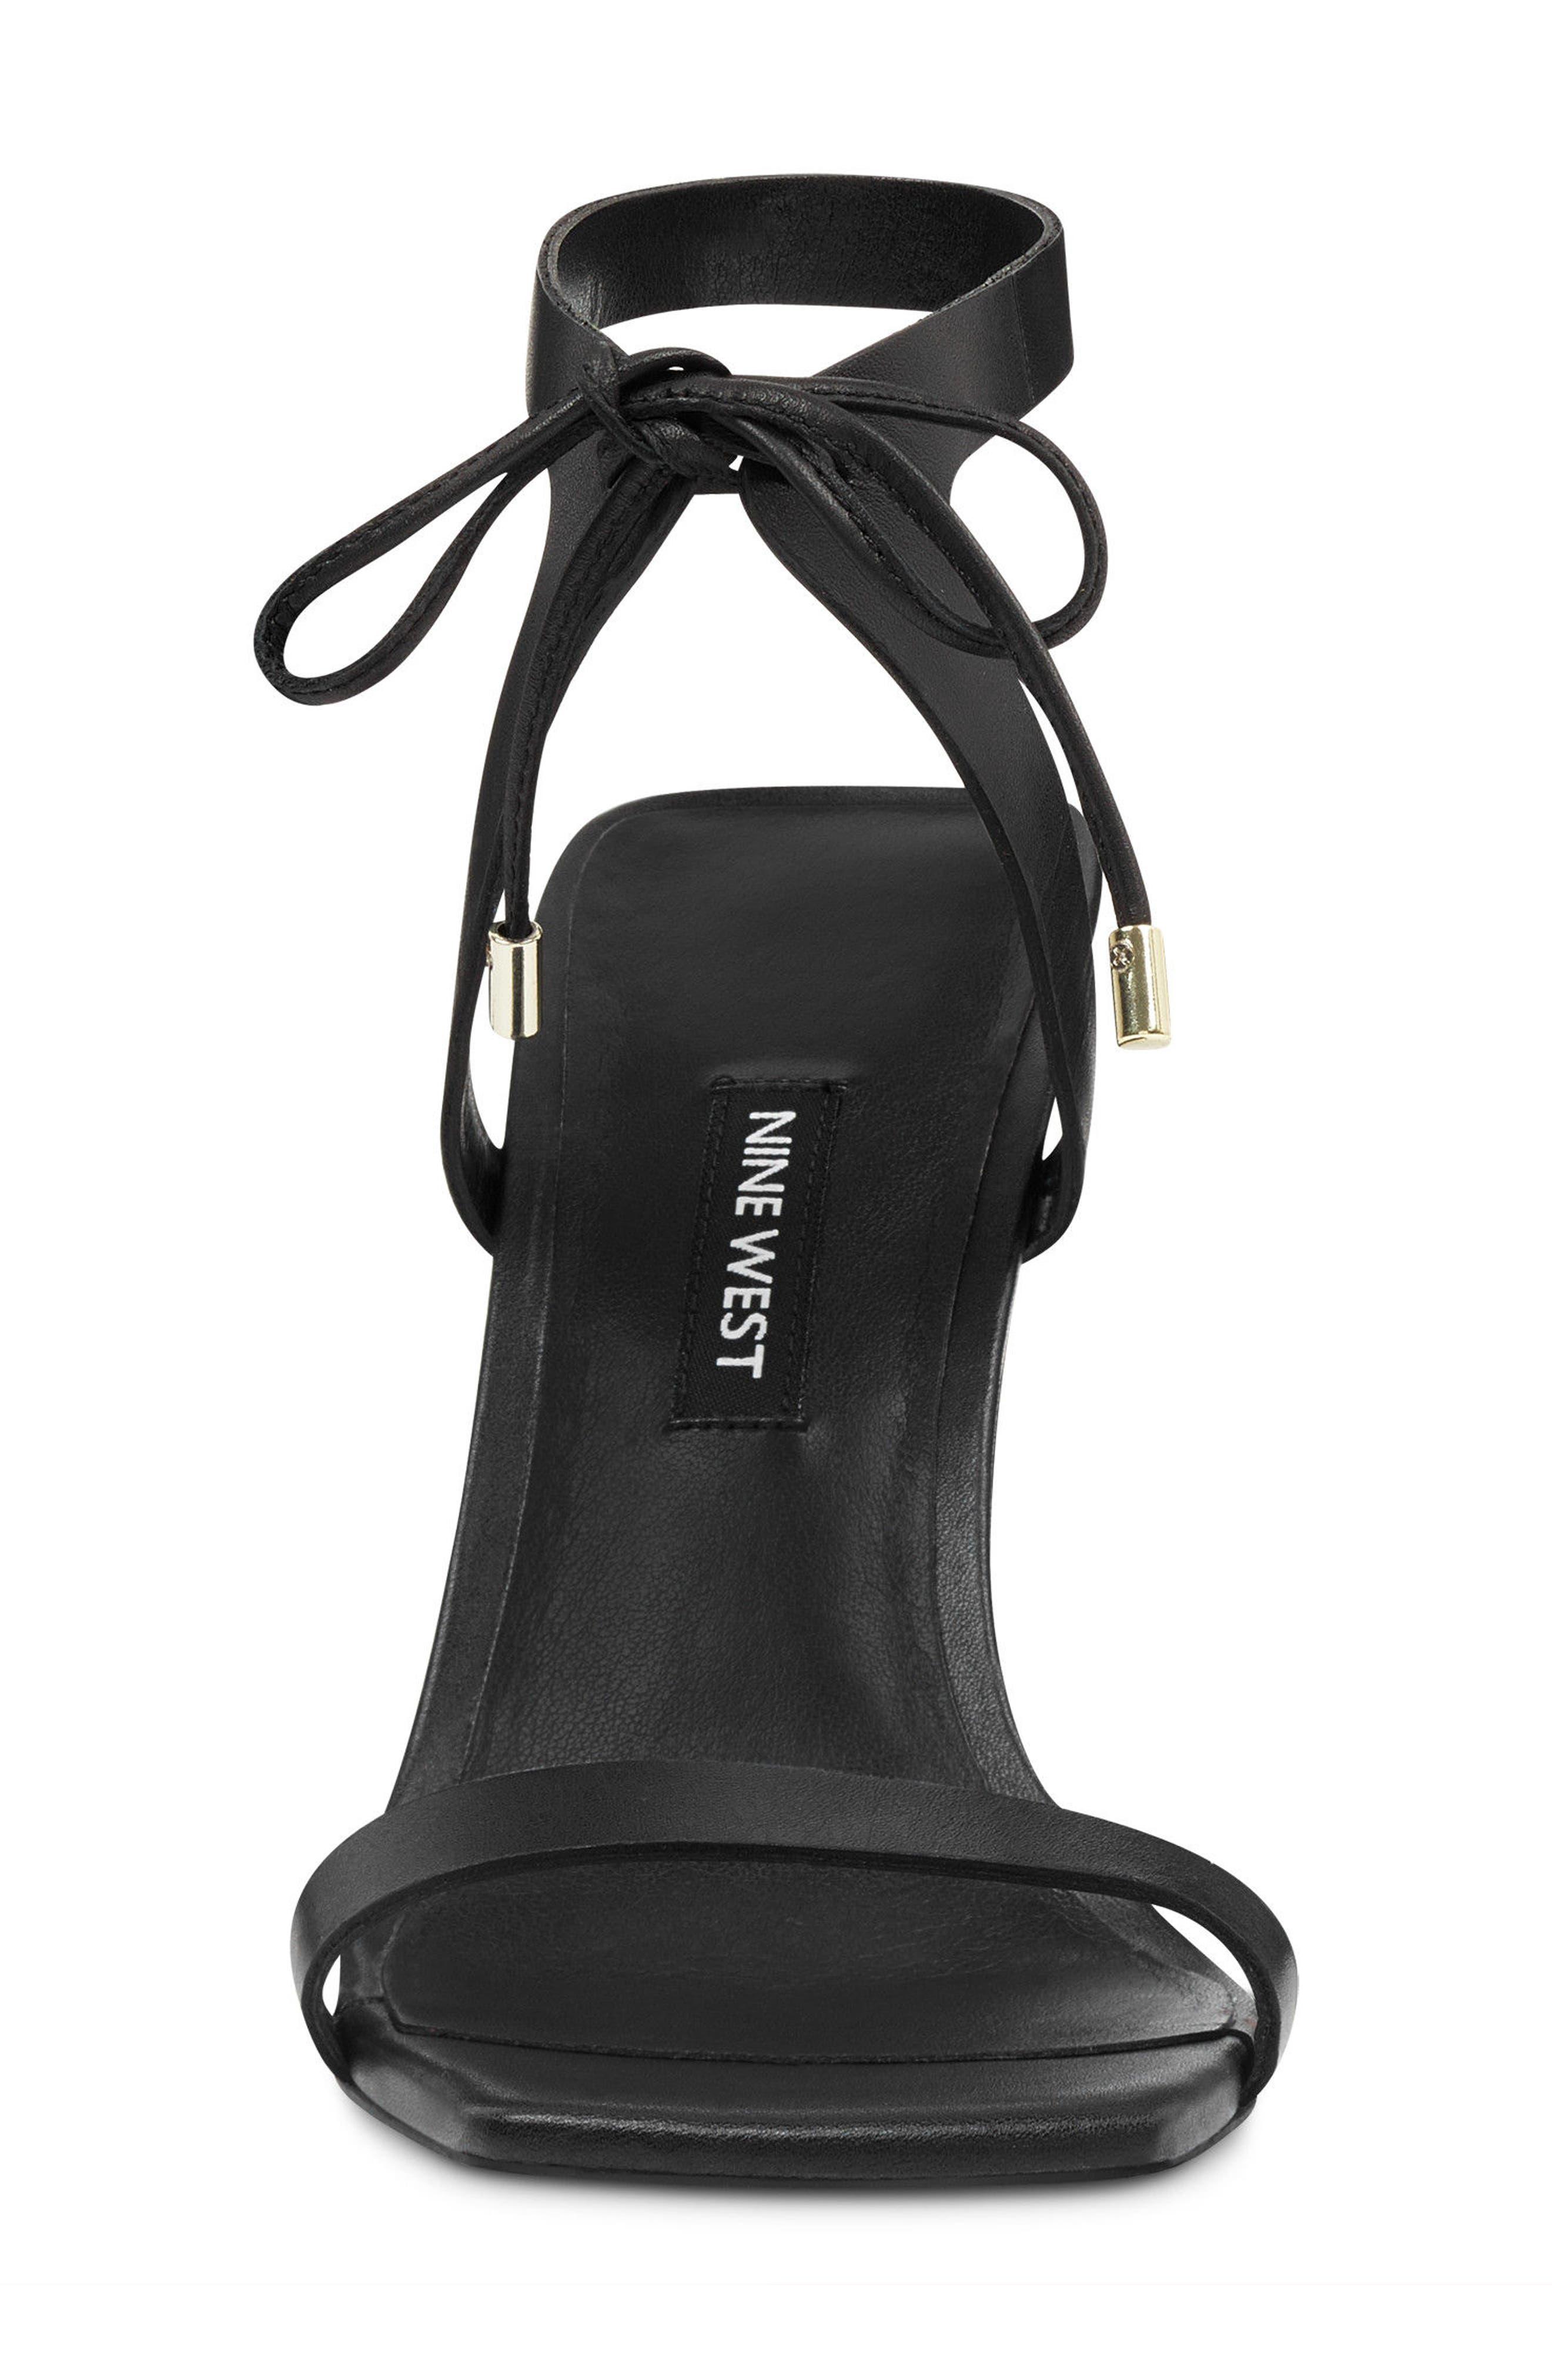 Longitano Squared Toe Sandal,                             Alternate thumbnail 4, color,                             BLACK LEATHER